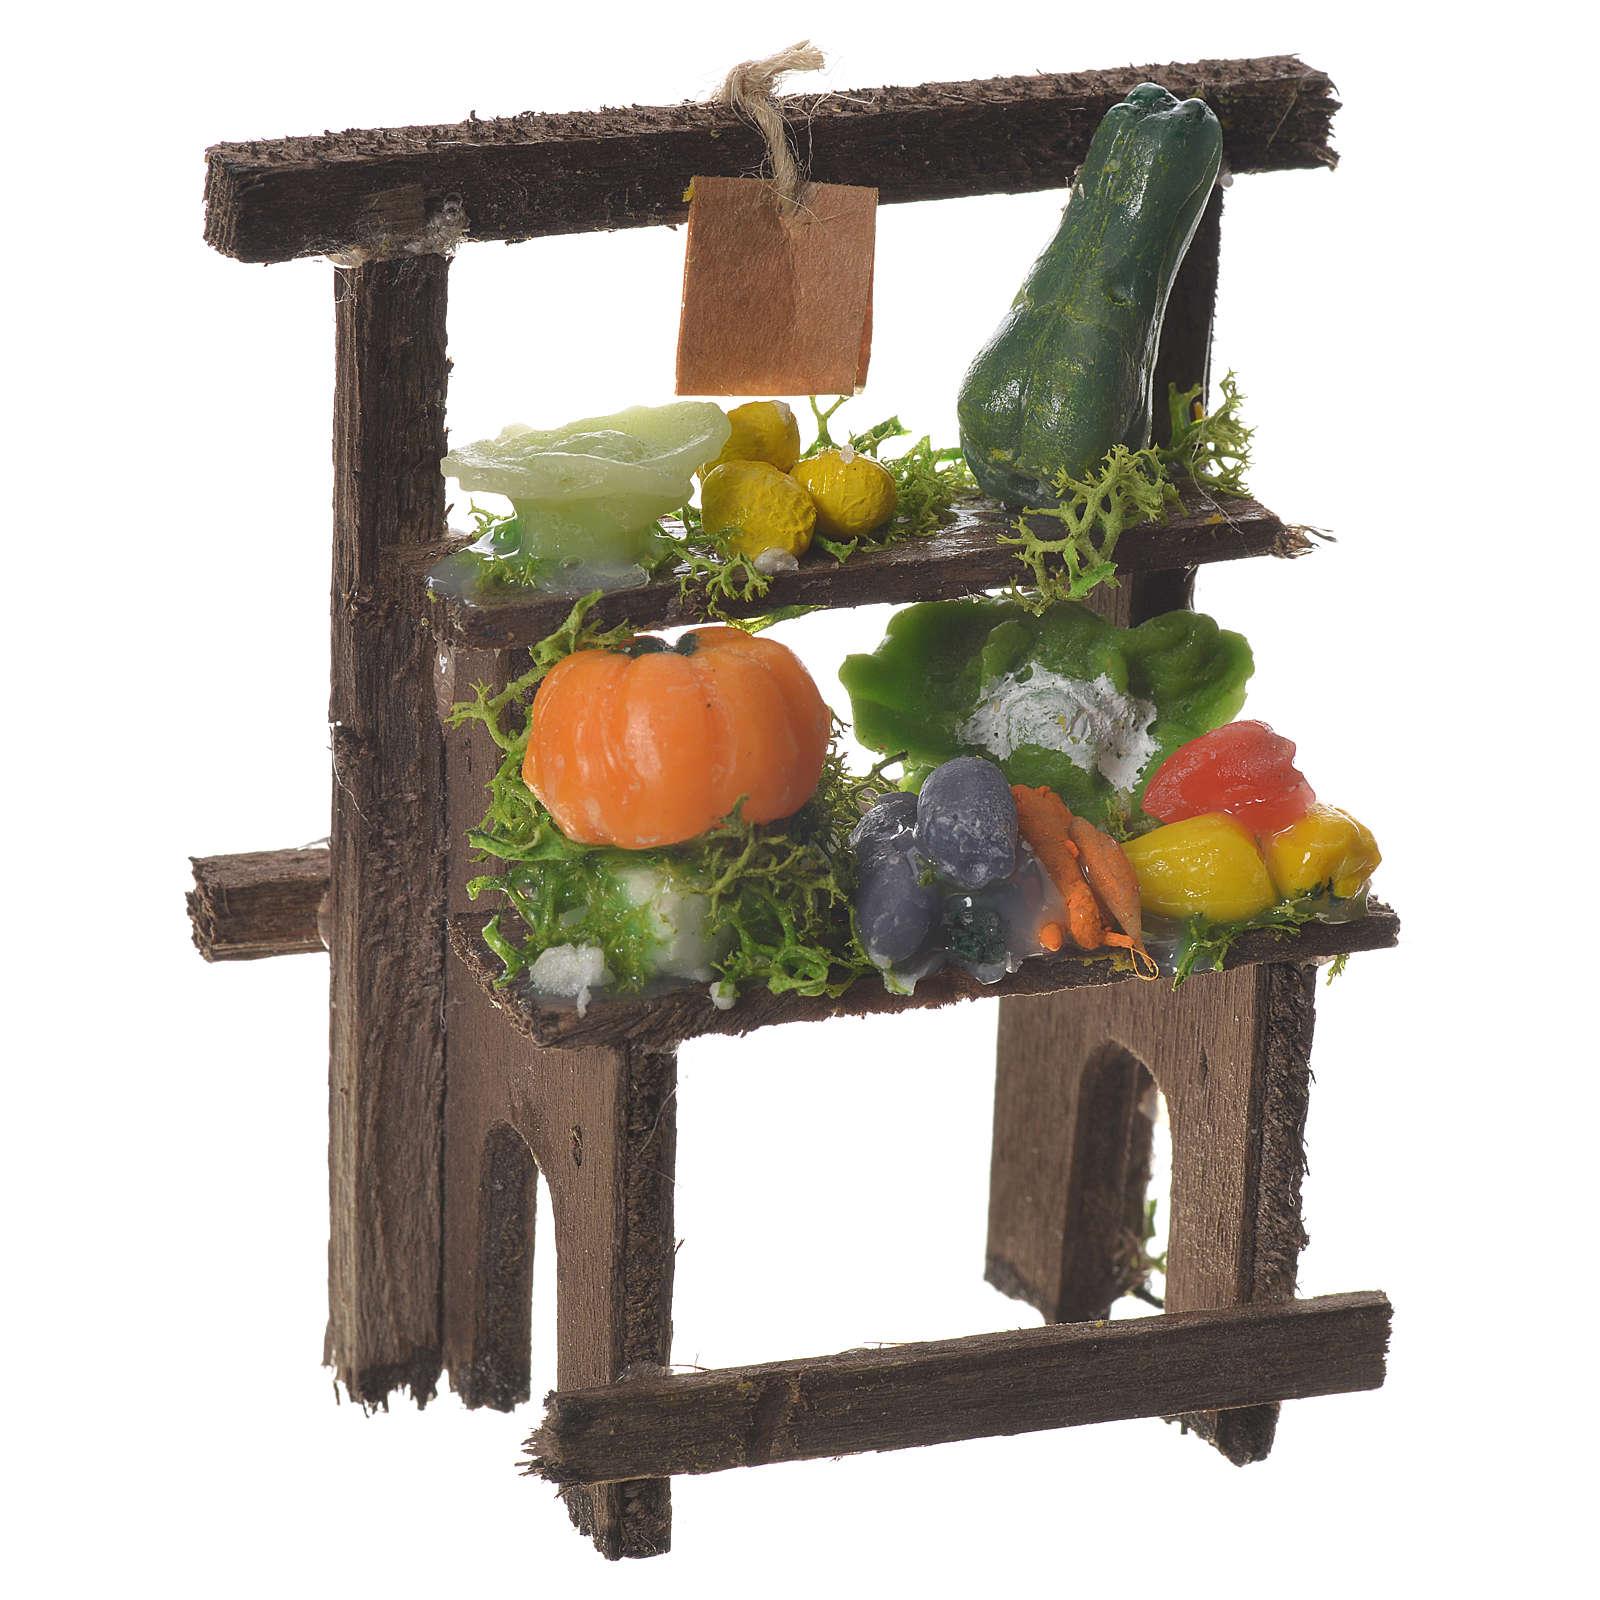 Banchetto fruttivendolo cera presepe 8,5x7x4 cm 4